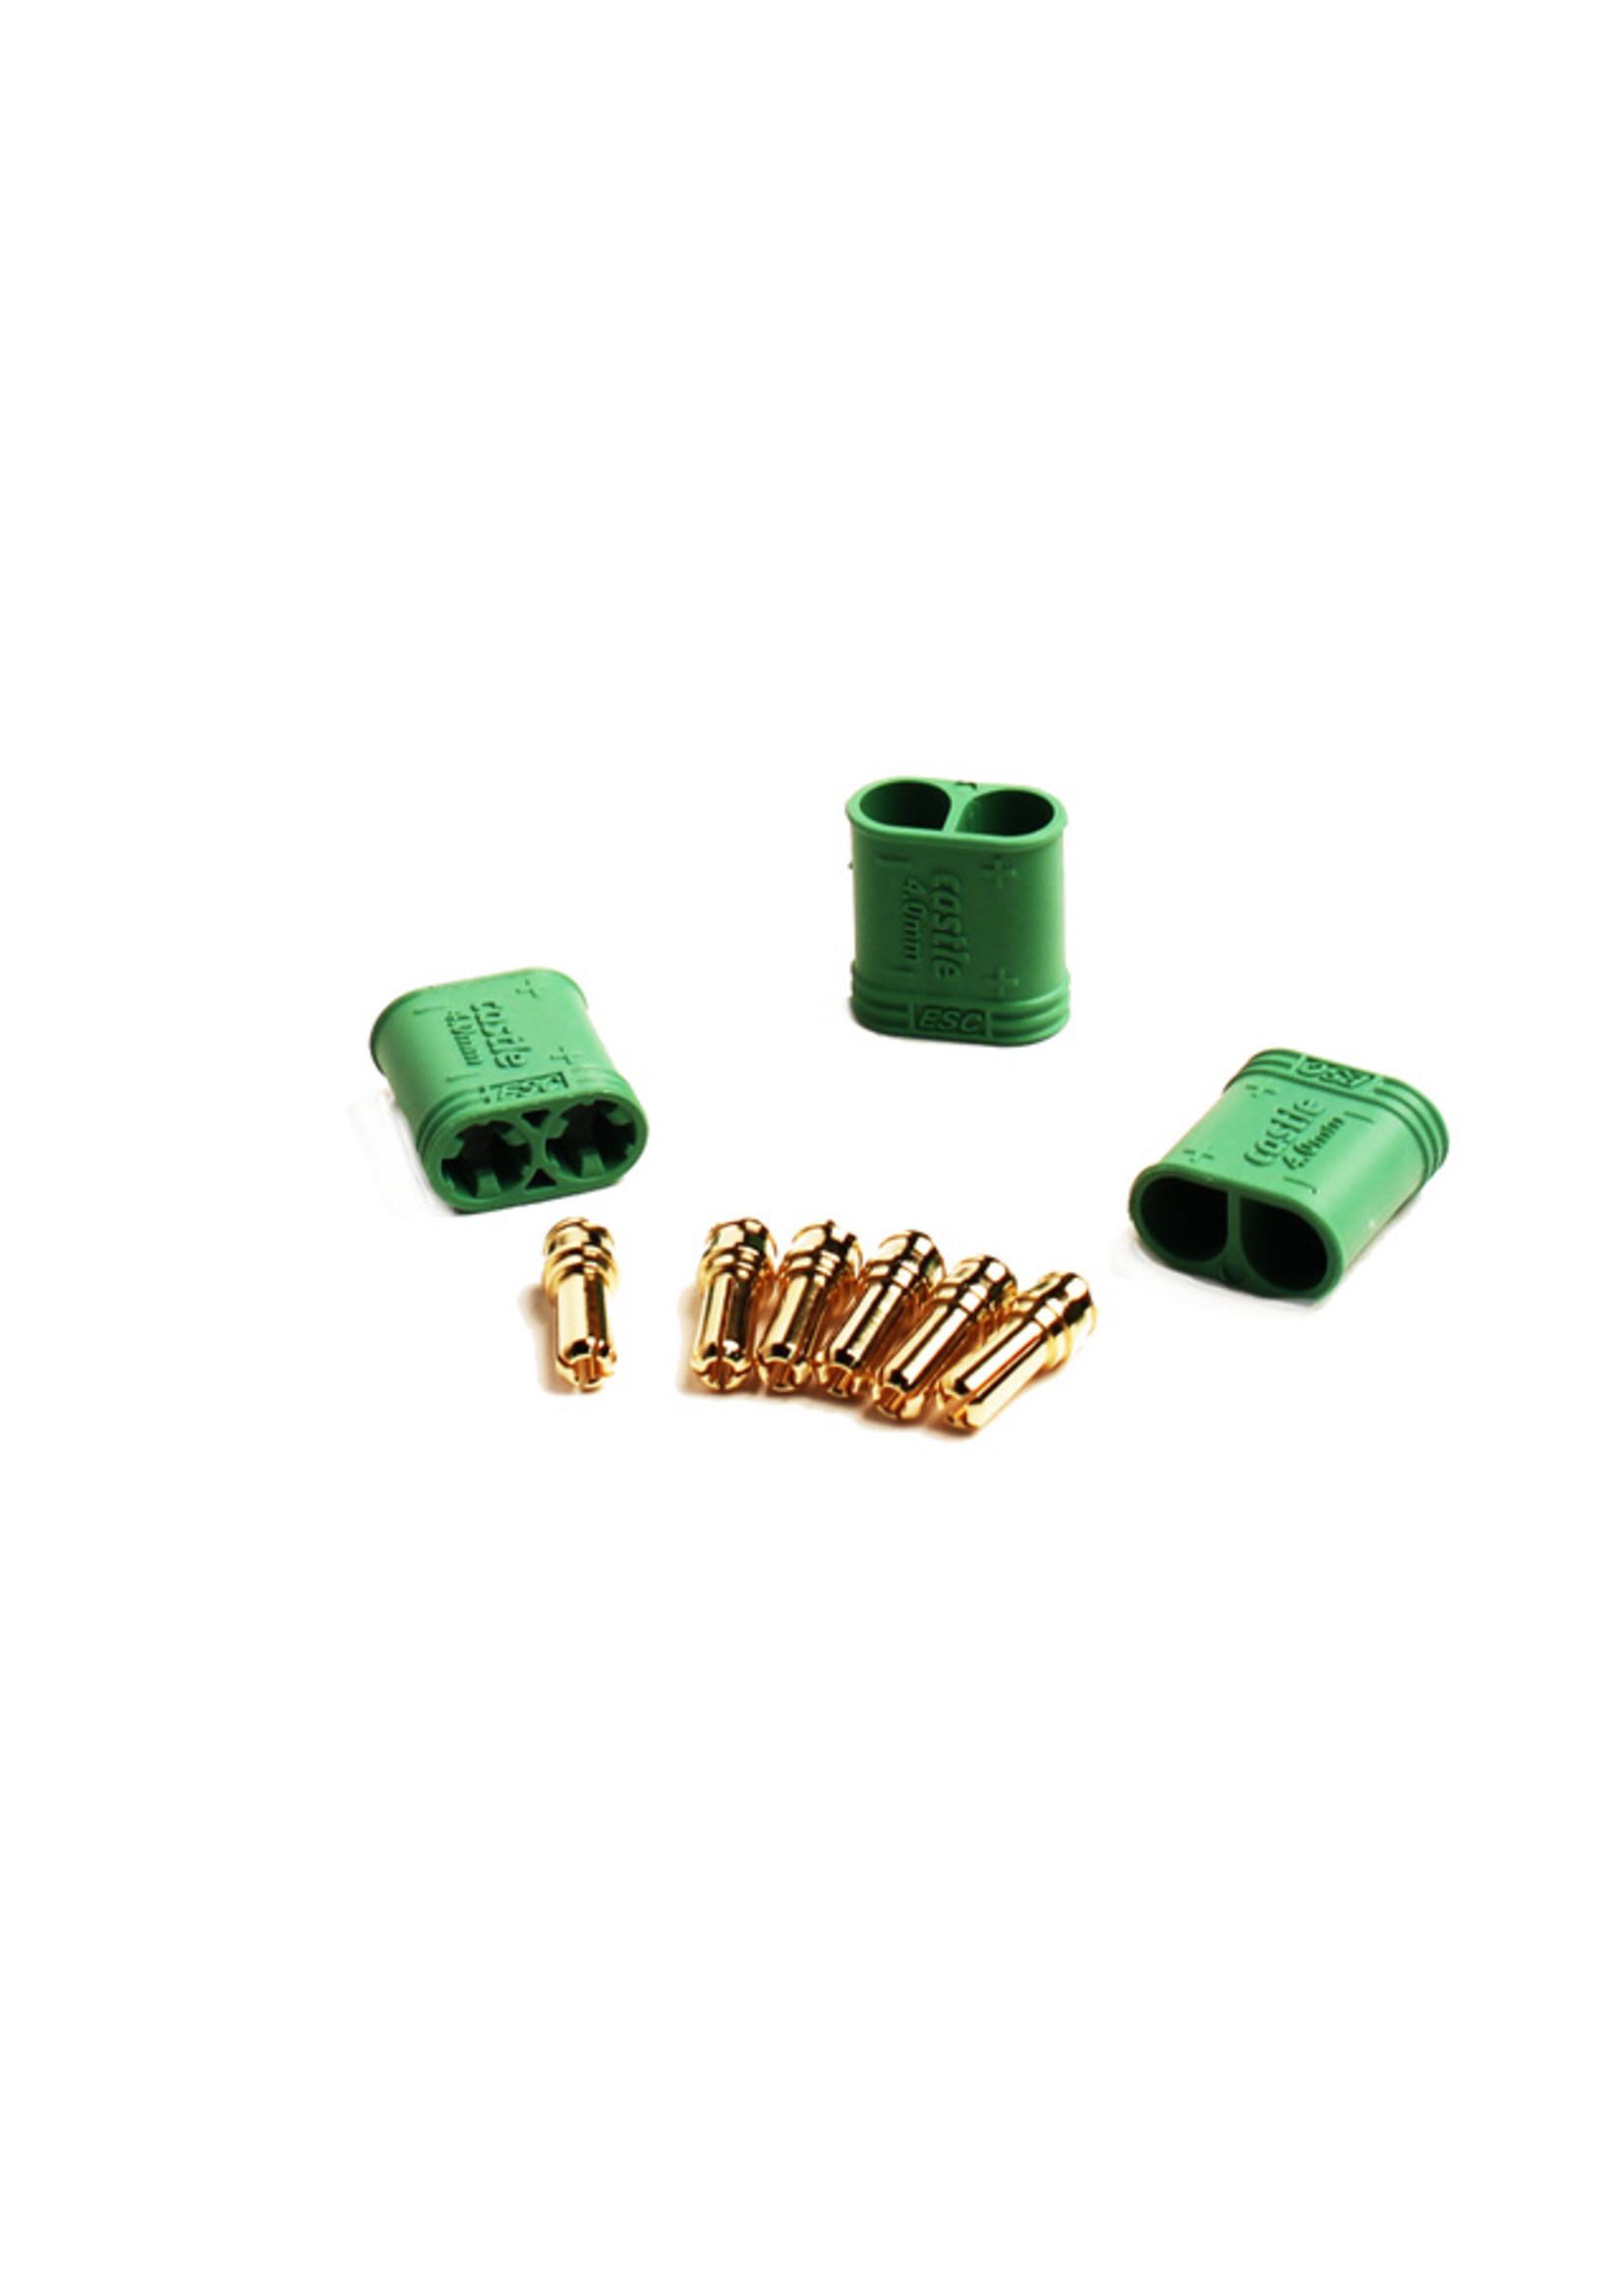 Castle Creations CSE011-0075-00  4.0mm Polarized Connectors-Male Multi-Pack